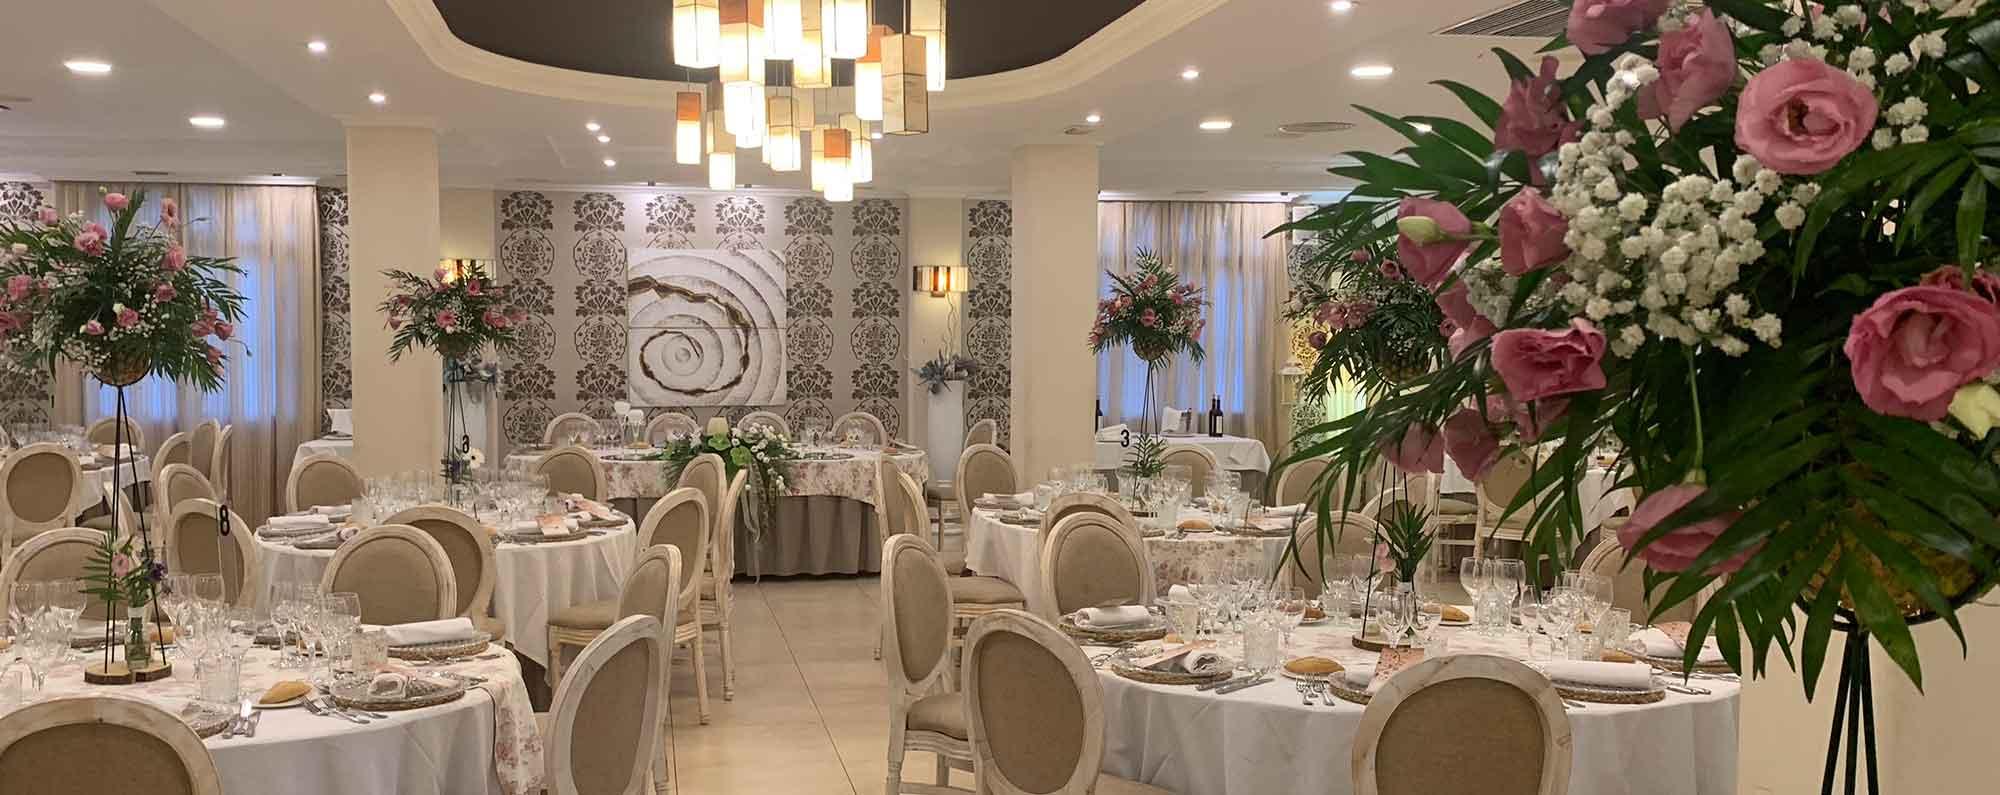 salon de bodas en valencia